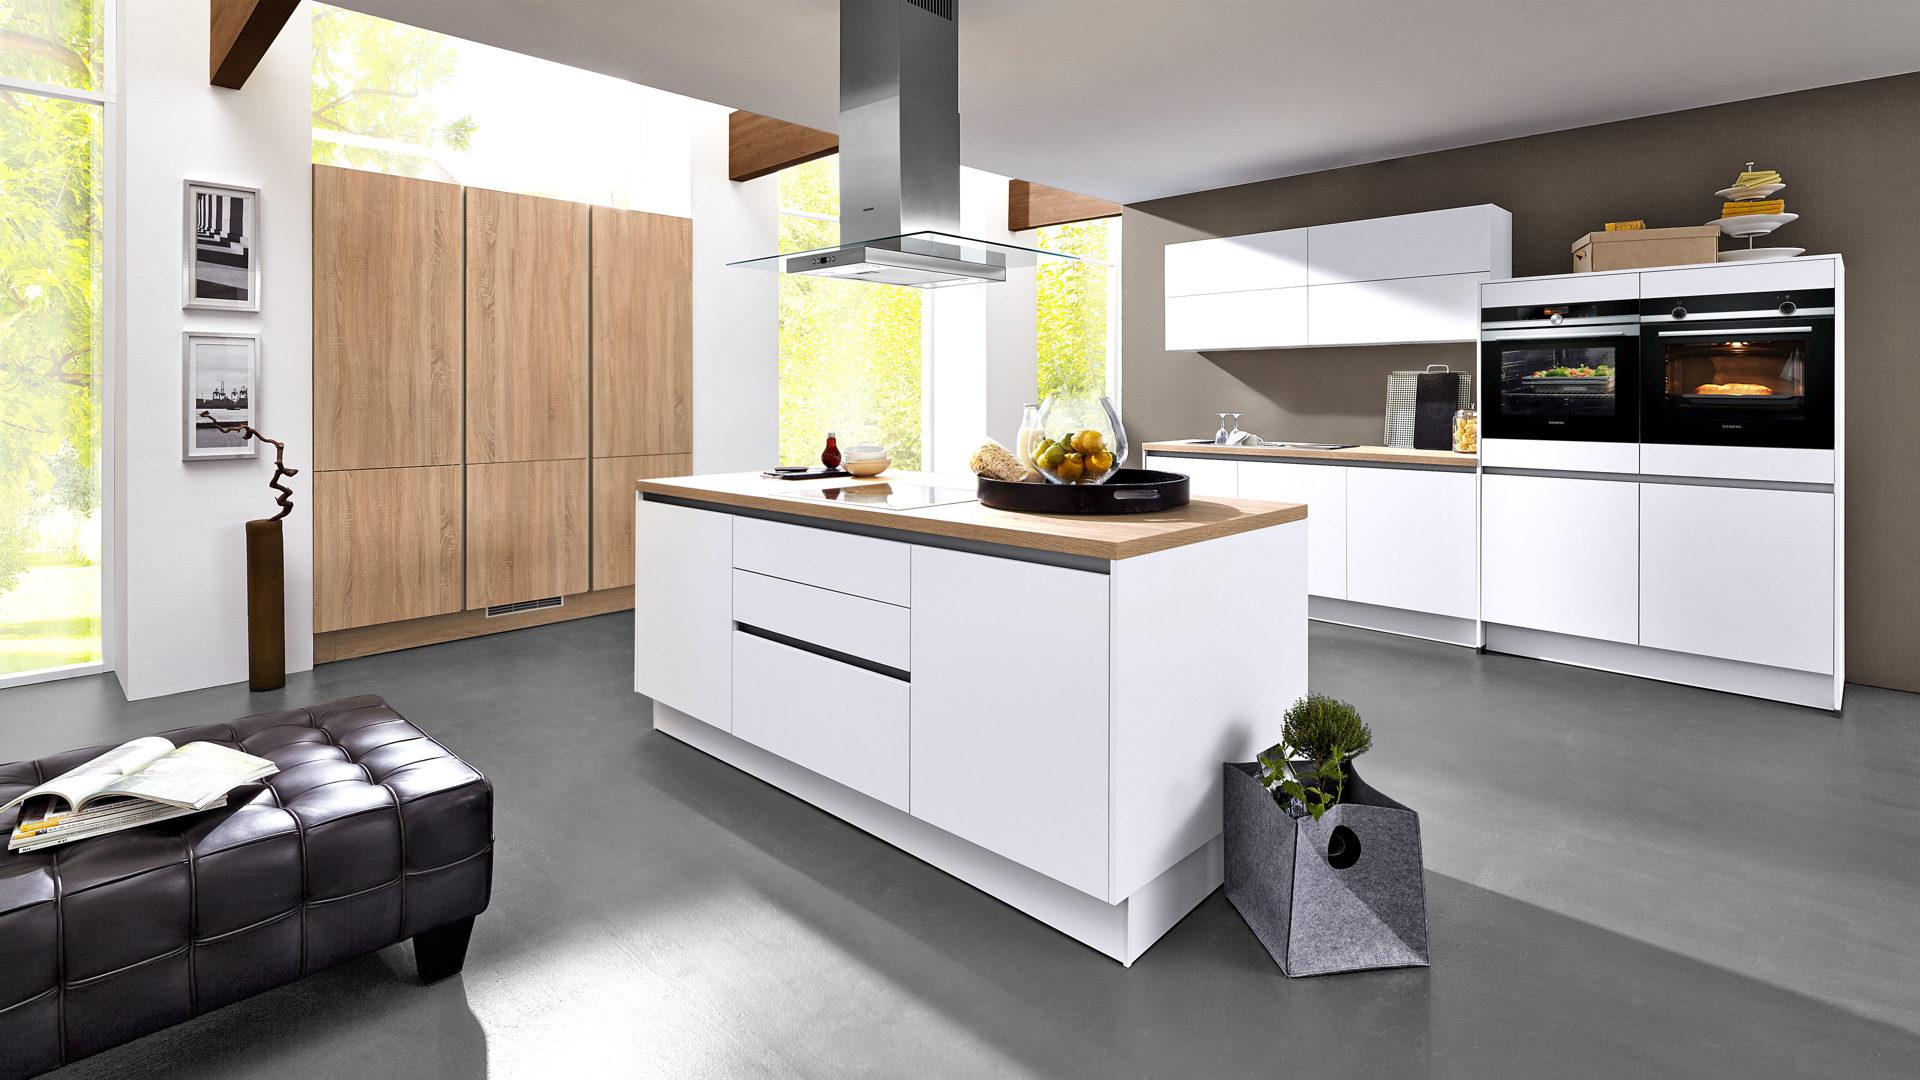 Culineo L-Küche mit SIEMENS Einbaugeräten, schneeweiße & Astoria  eichefarbene Kunststoffoberflächen, Astoria eichefarbene Ar